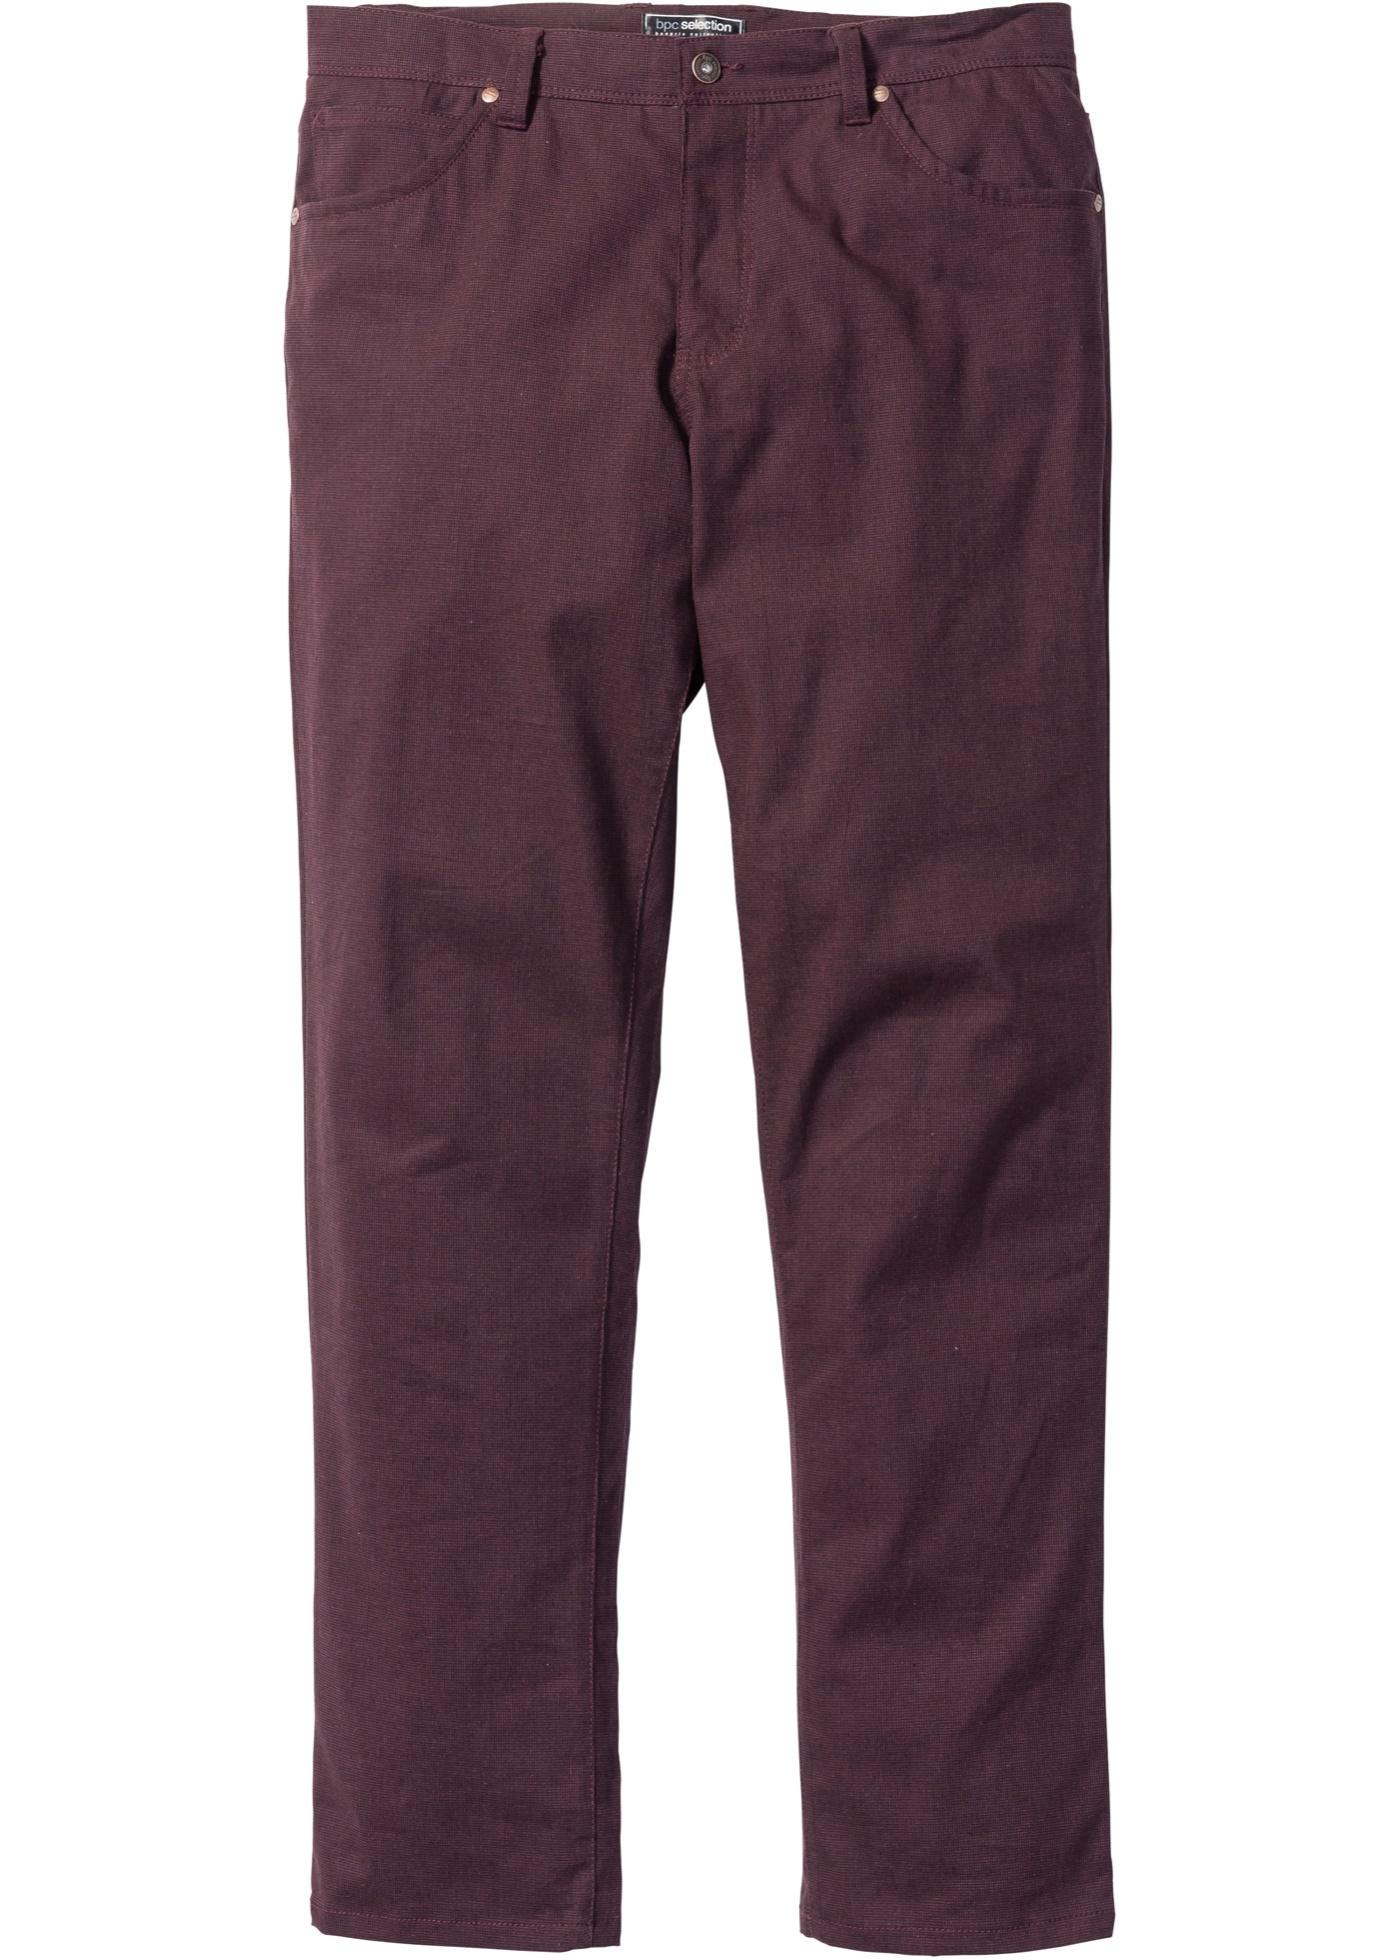 Pantalone elasticizzato 5